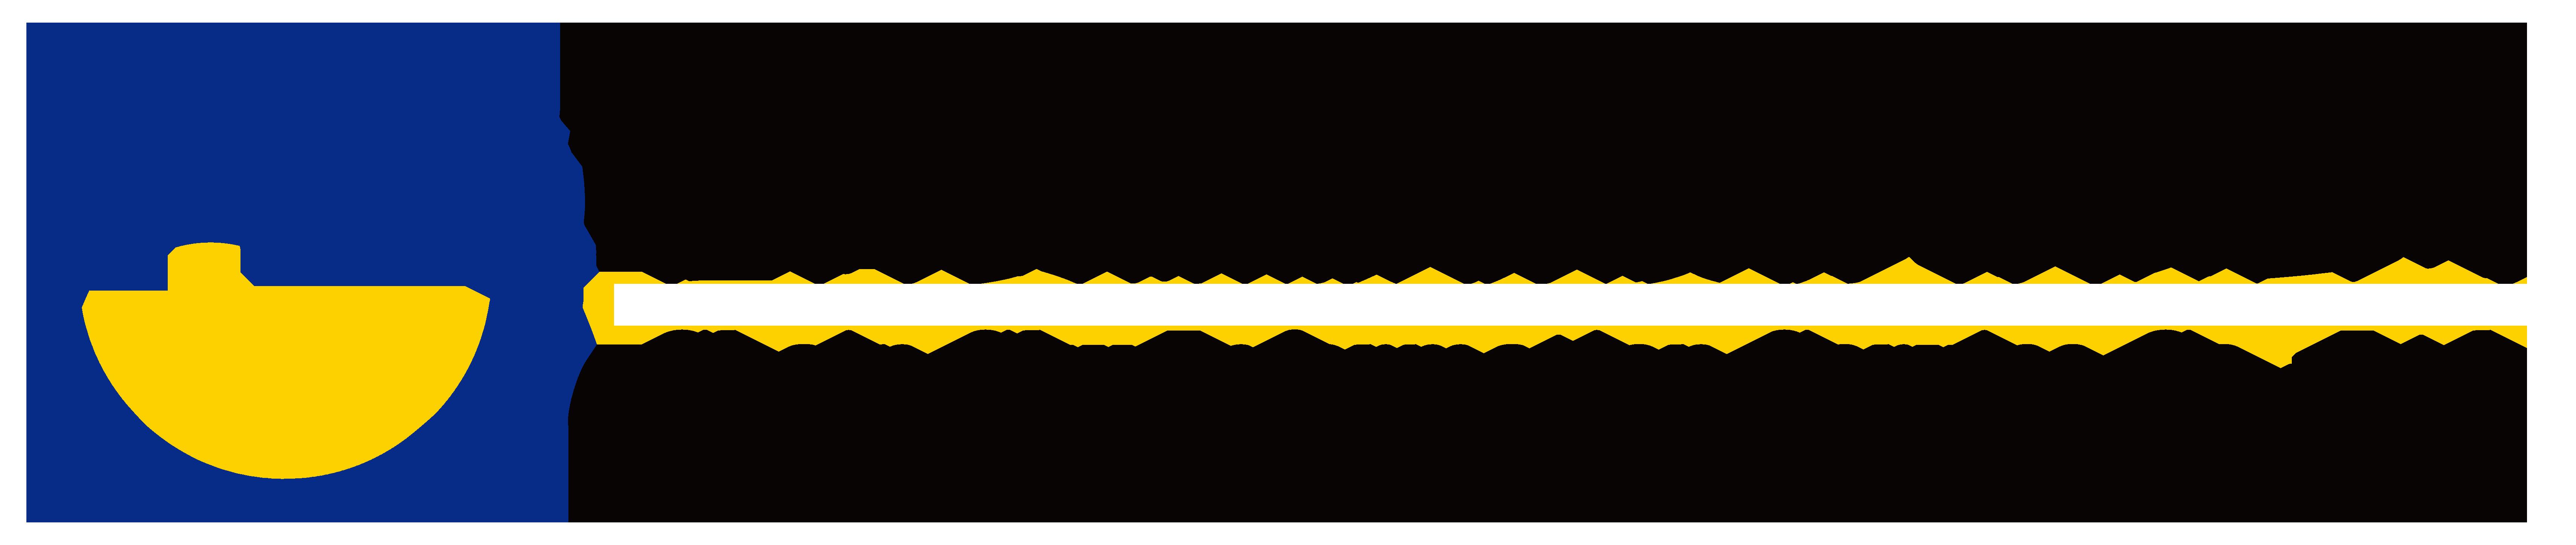 程高資訊服務股份有限公司